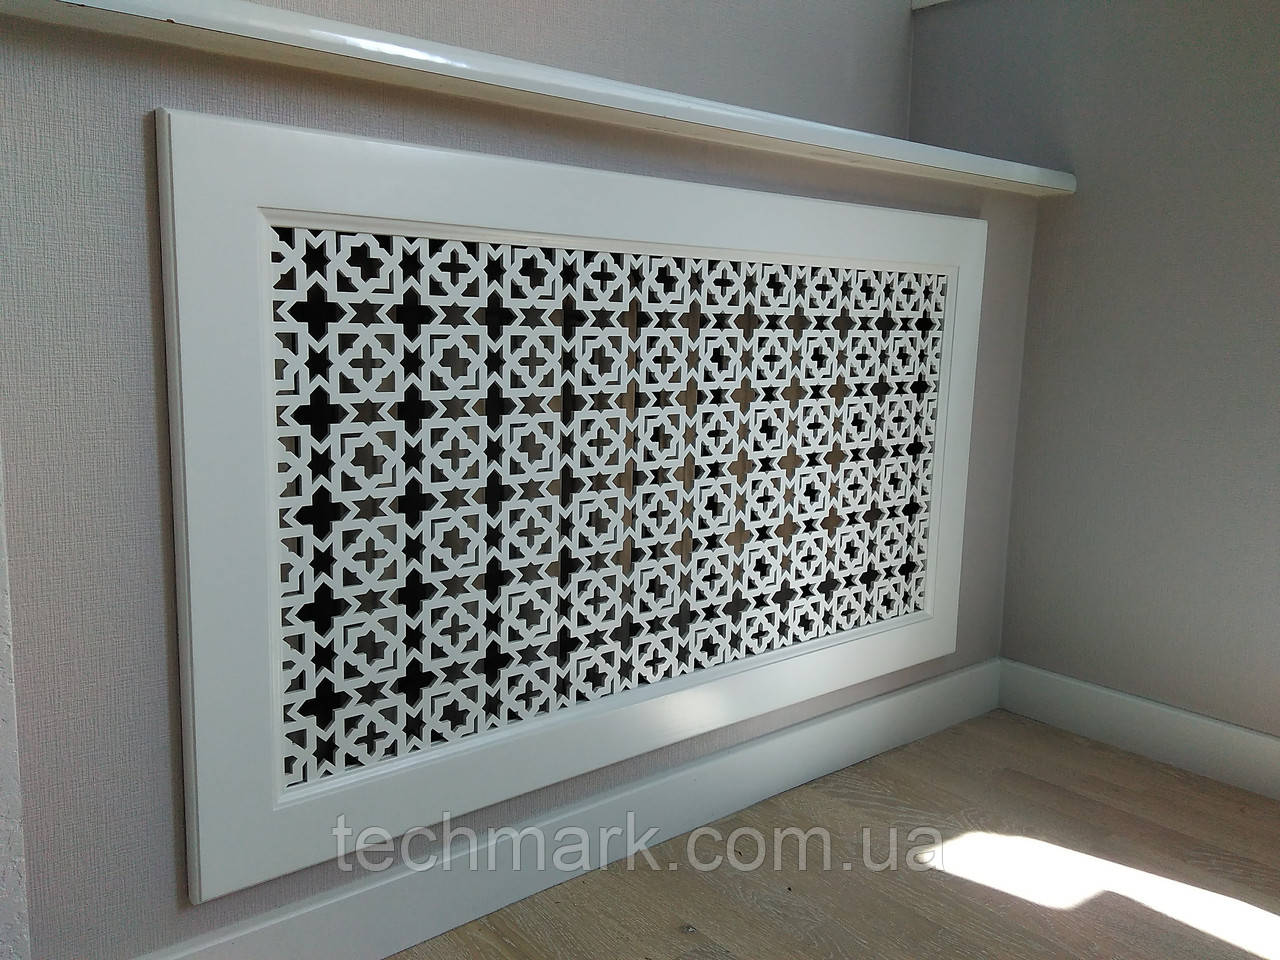 Декоративная решетка экран (фасад) на батарею отопления R19-F60